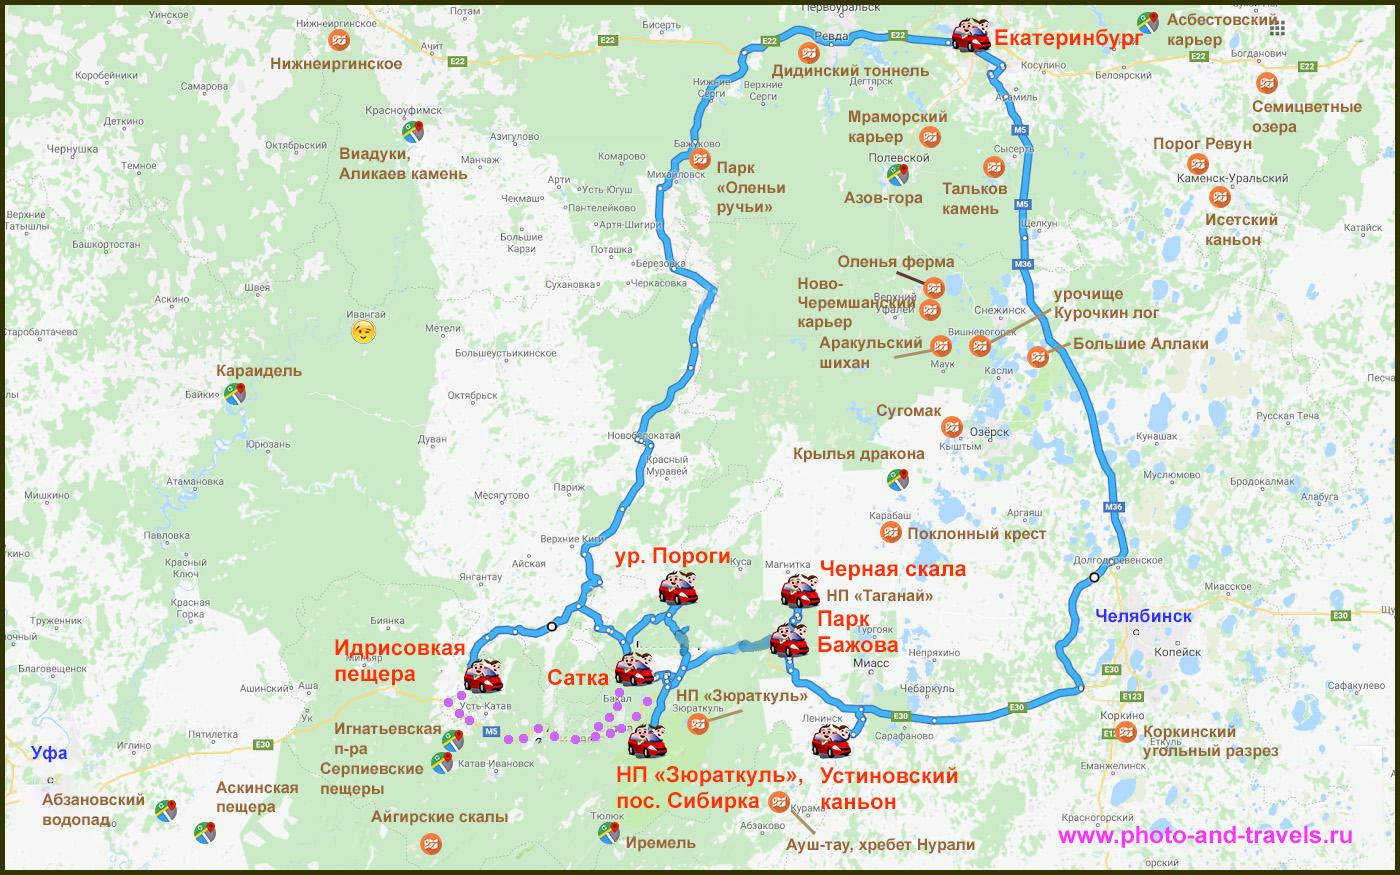 2. Карта с описанием маршрута поездки на автомобиле по интересным достопримечательностям Челябинской области и немножко Башкирии. Путешествие на 2, 4 и 6 дней.